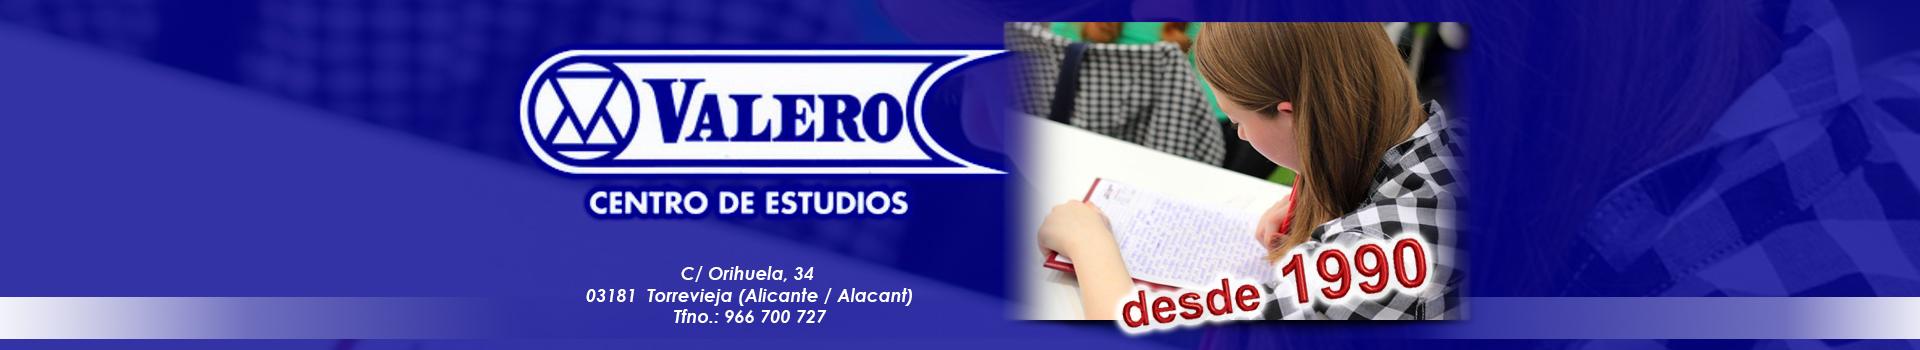 Valero Centro de Estudios, ACADEMIAS EN TORREVIEJA, academia de estudios